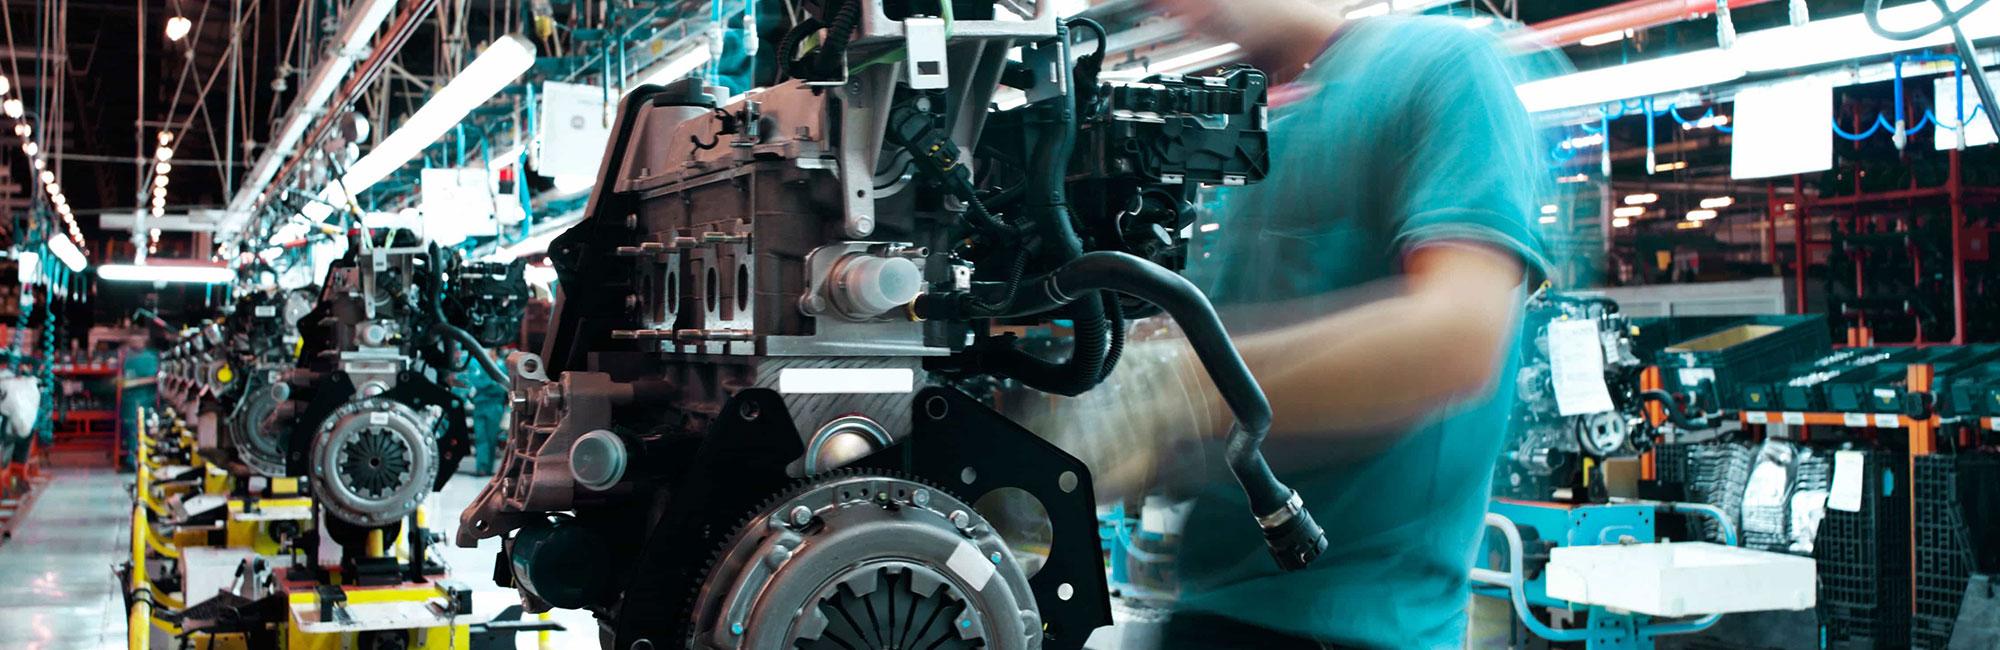 Engel – Automação Industrial – Engenharia e Projetos